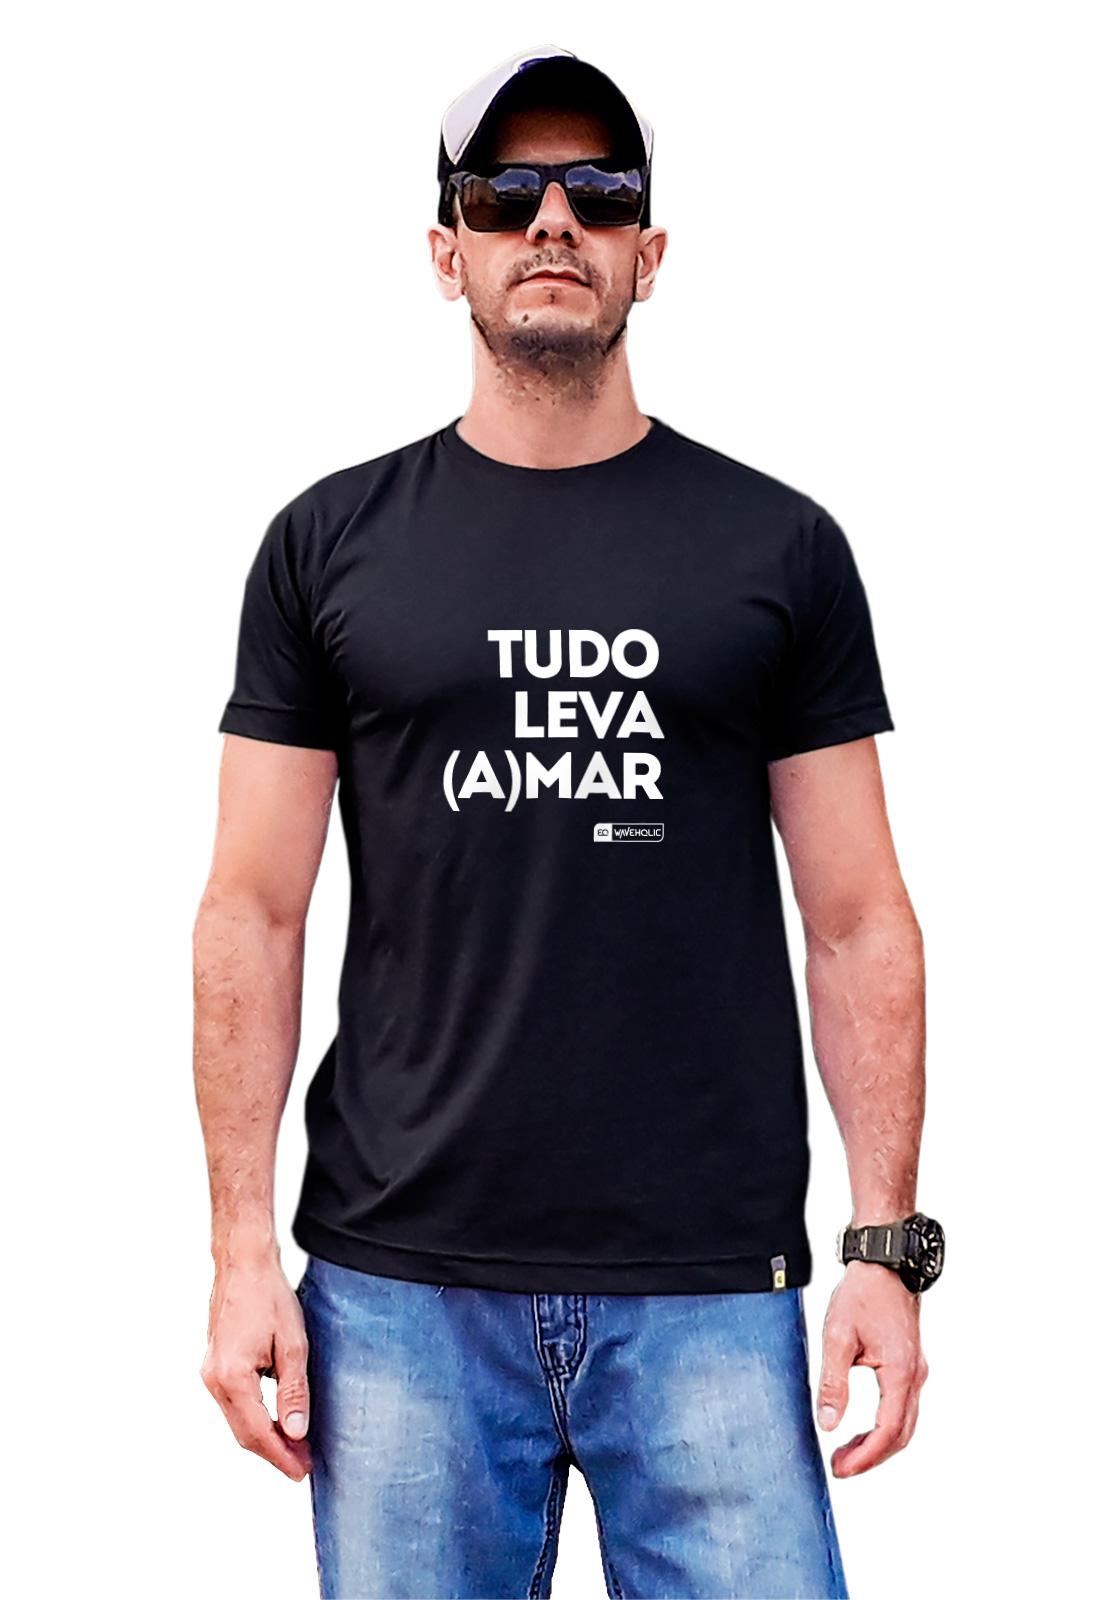 Camiseta com frase tudo leva amar preta ou branca